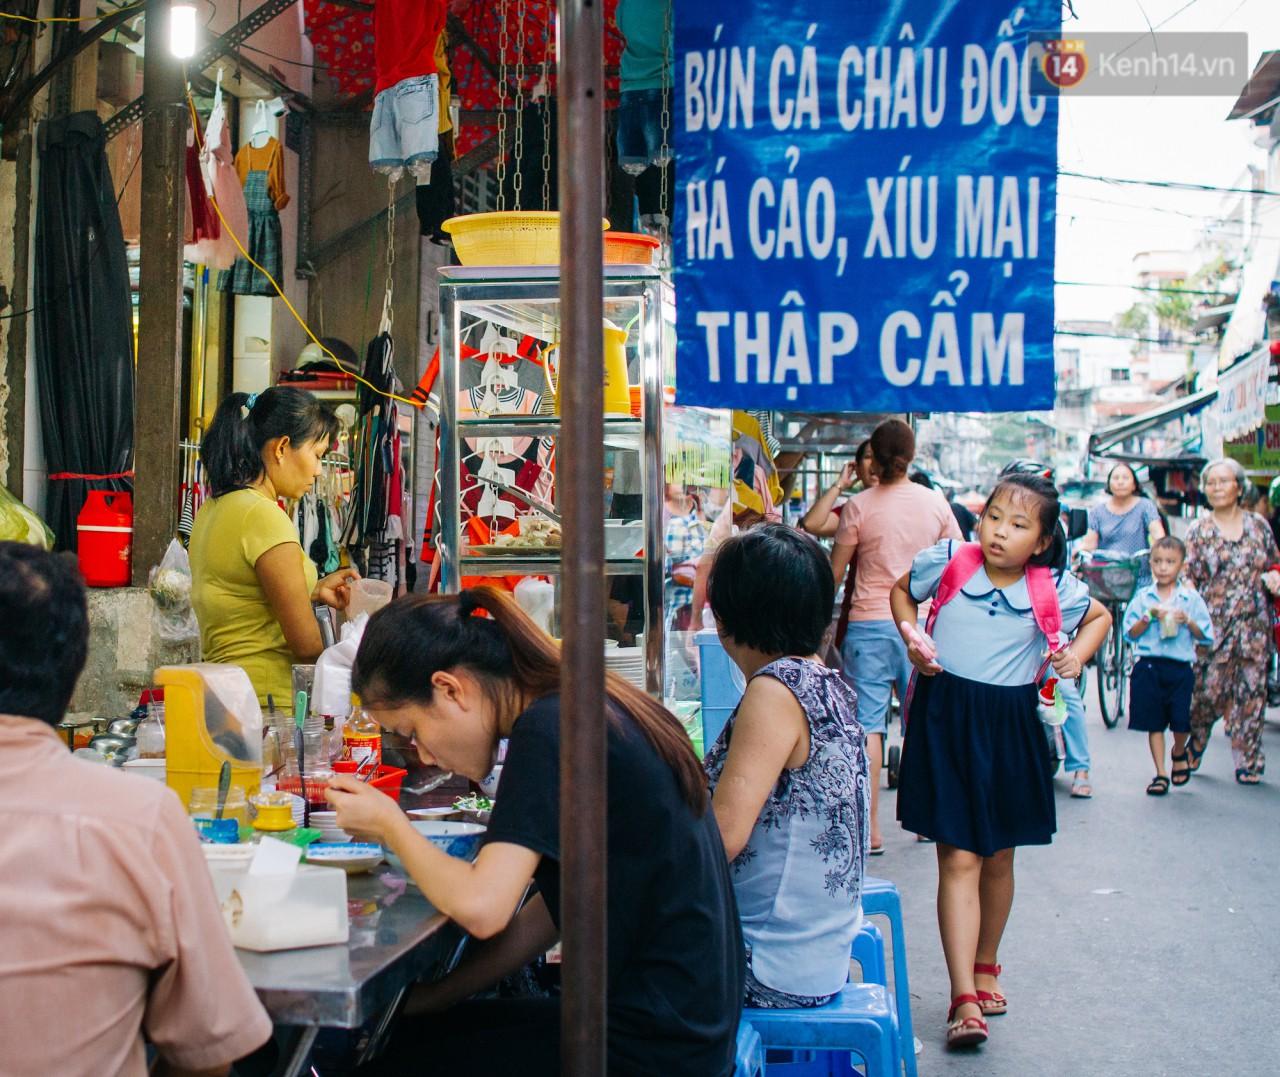 Chùm ảnh: Ở Sài Gòn, có một khu chợ mang tên Campuchia nằm trong hẻm nhỏ nhưng 'hội tụ' đủ hàng ăn thức uống các vùng miền 10